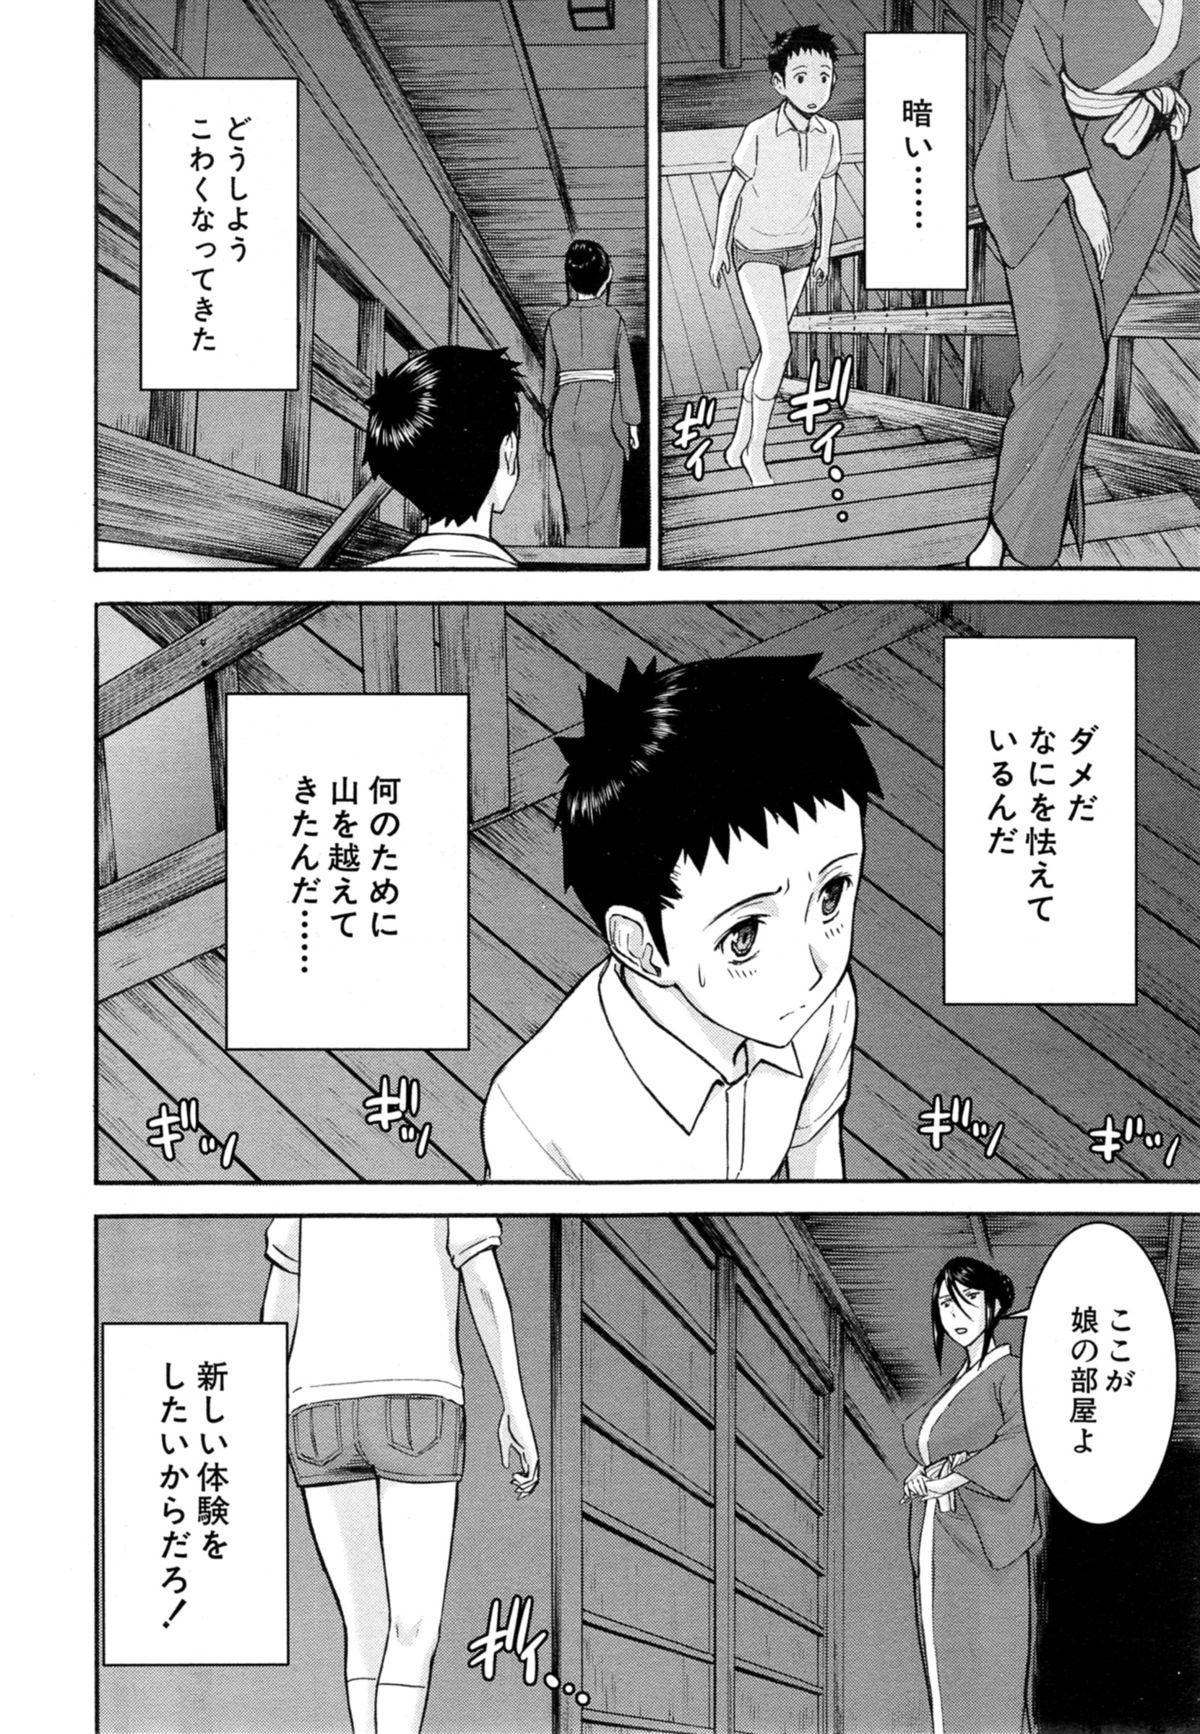 Zashikihime no Omocha Ch. 1-2 33